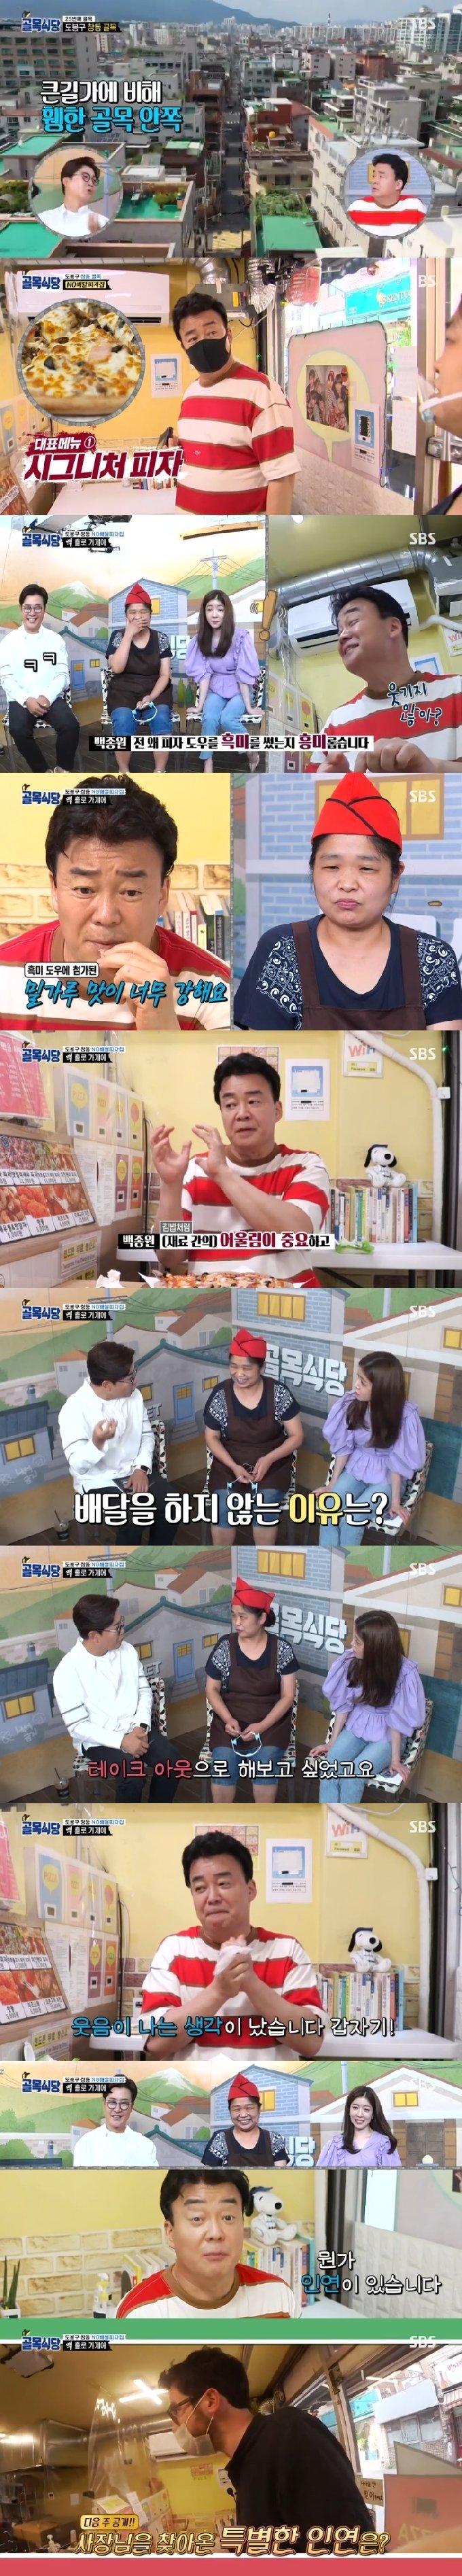 SBS '백종원의 골목식당' 캡처 © 뉴스1